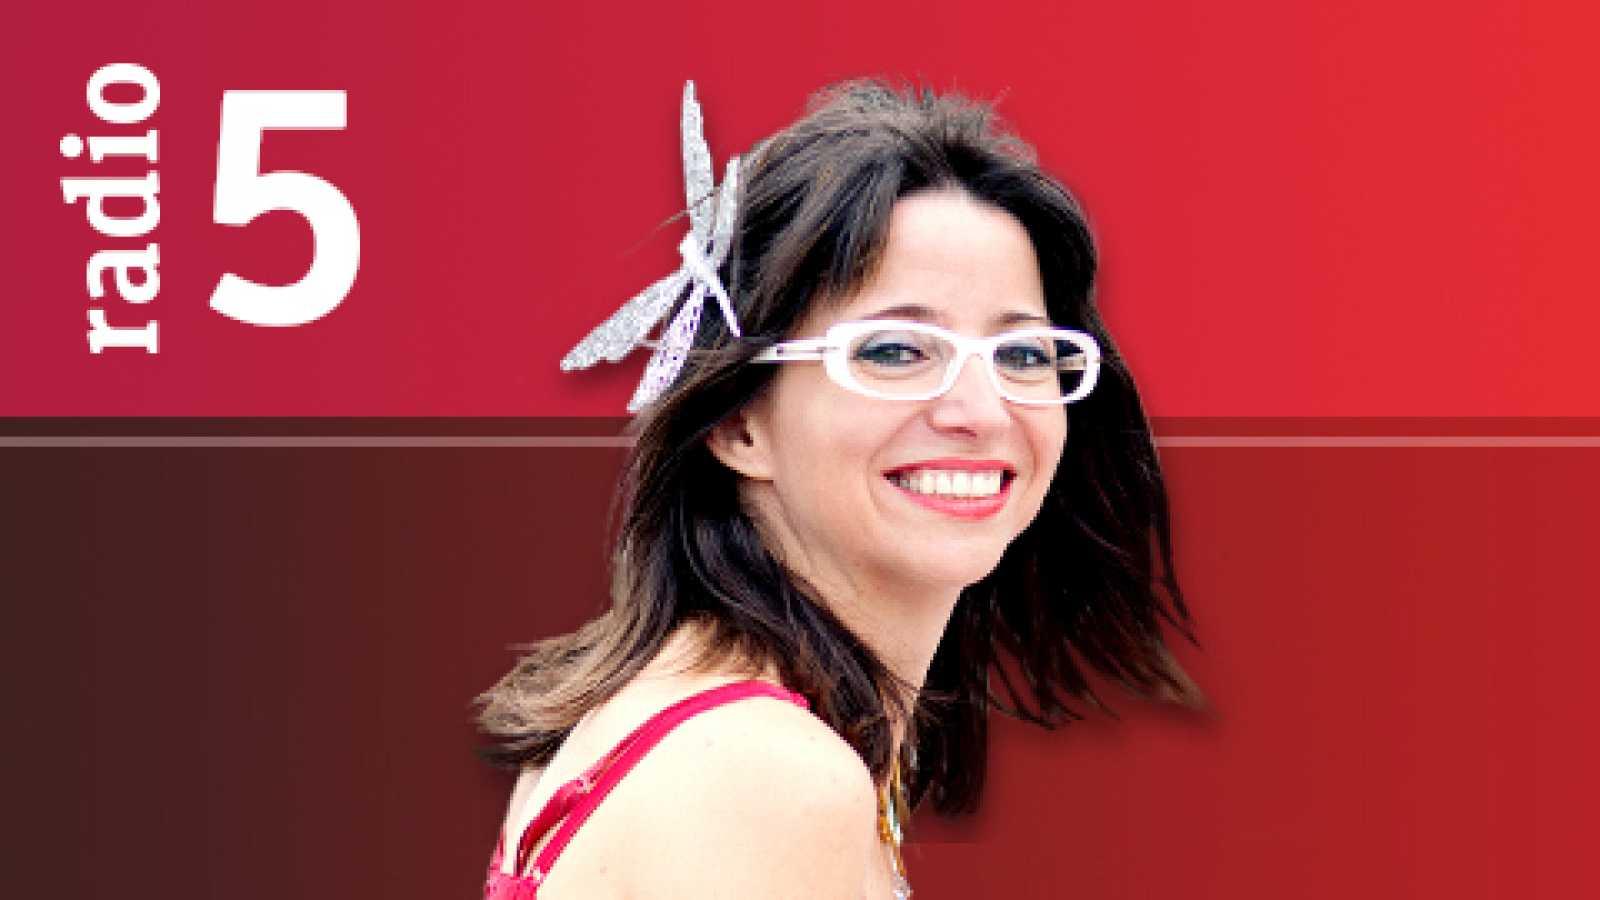 Con voz propia - Mara Dierssen 'El arte de investigar la diferencia' - 12/10/18 - Escuchar ahora